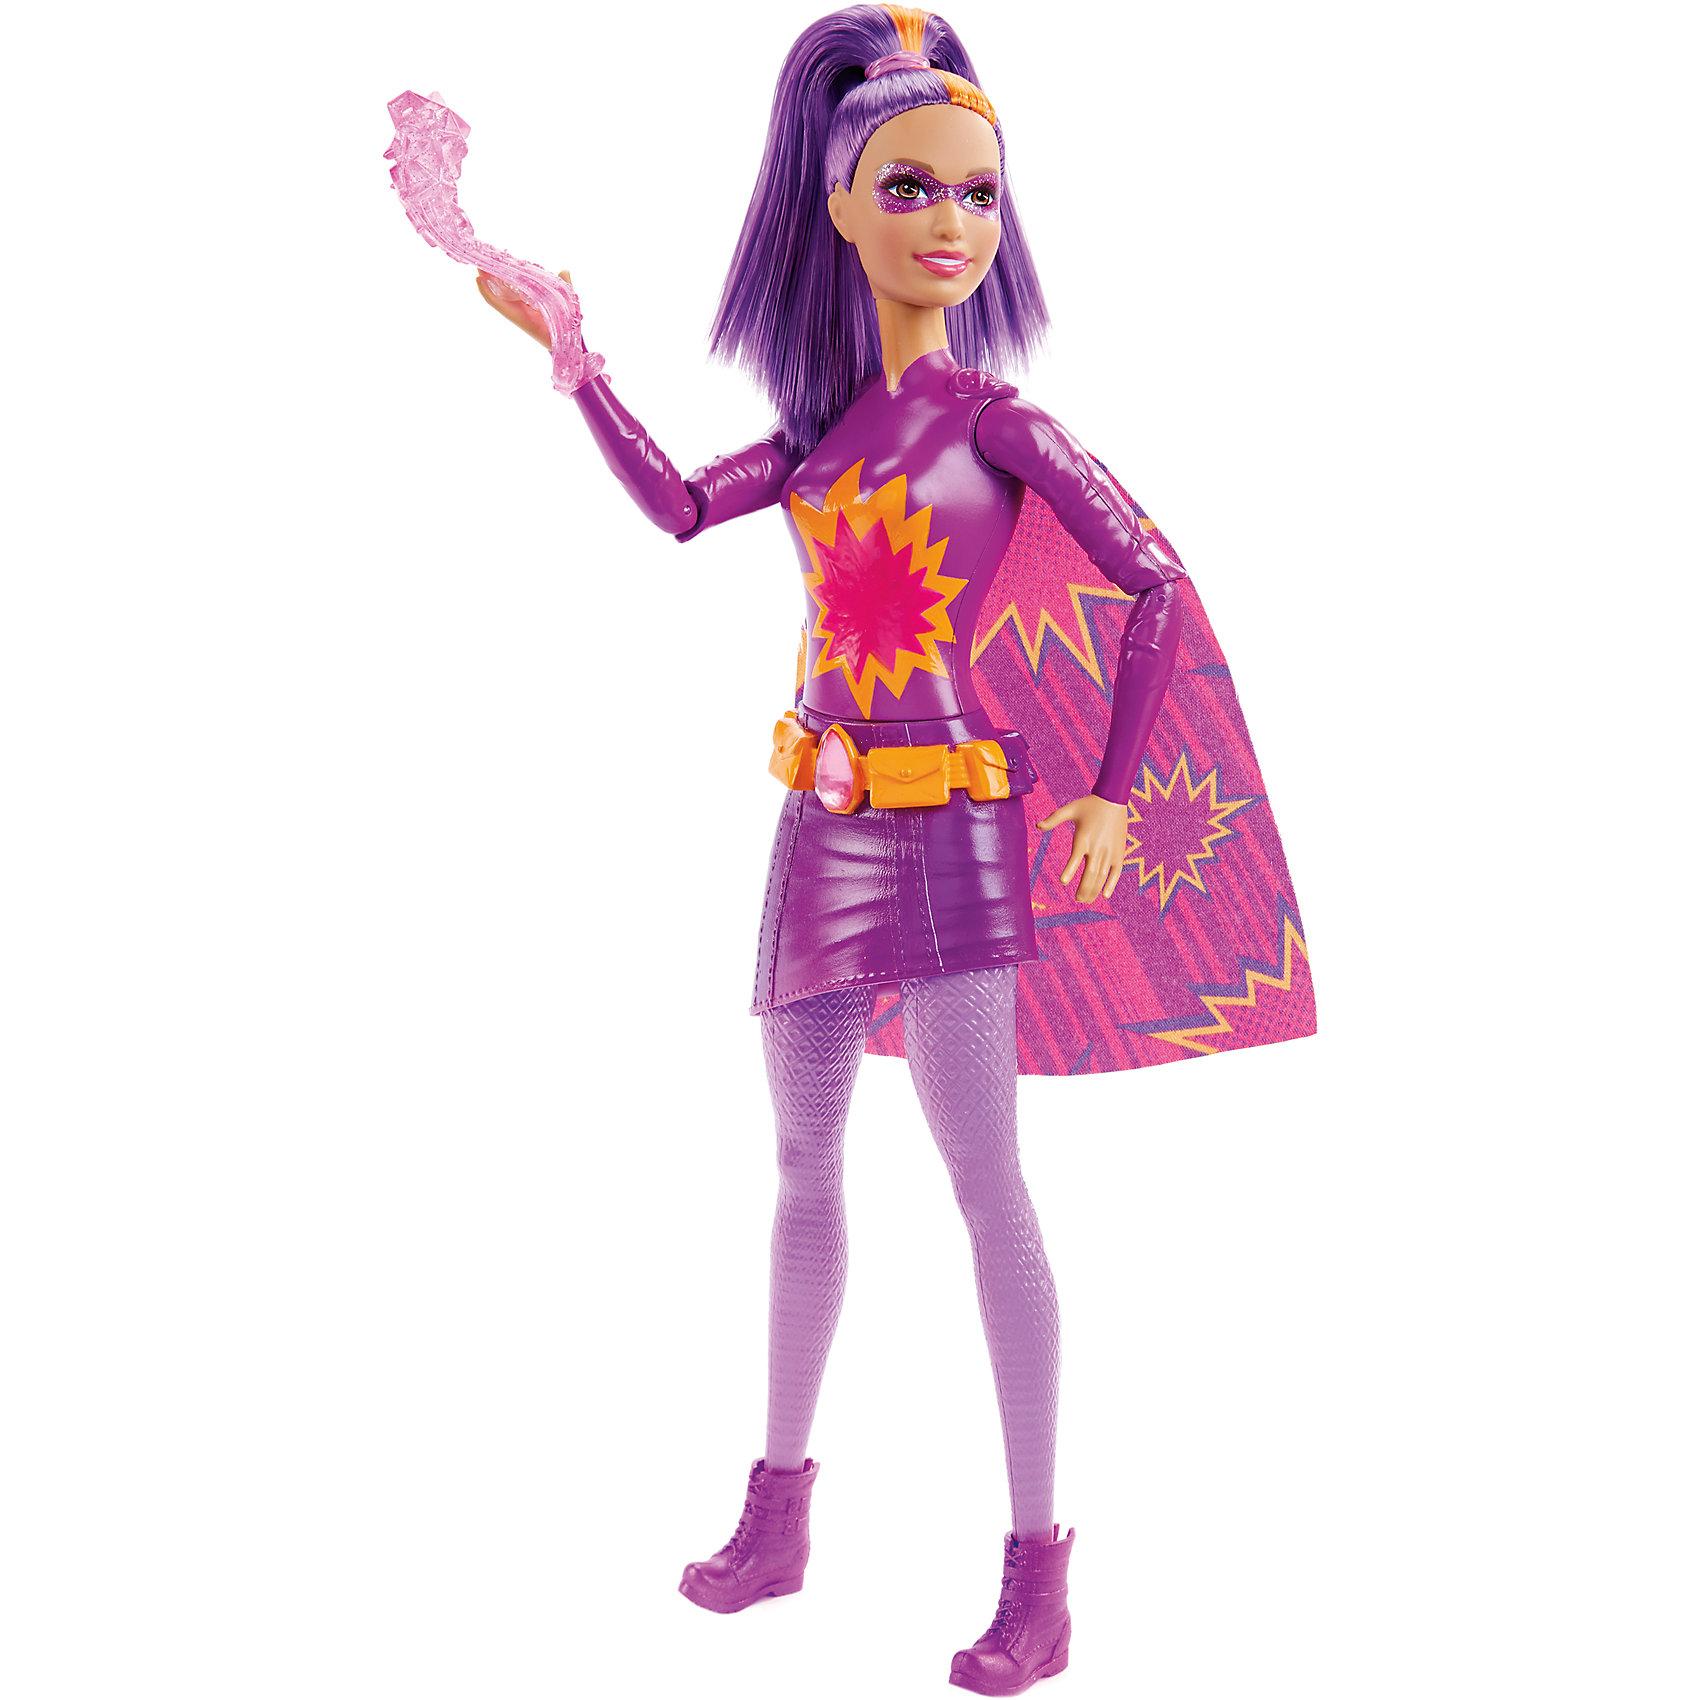 Mattel Кукла Супер-герой  Barbie barbie кукла супер герой barbie цвет одежды фиолетовый